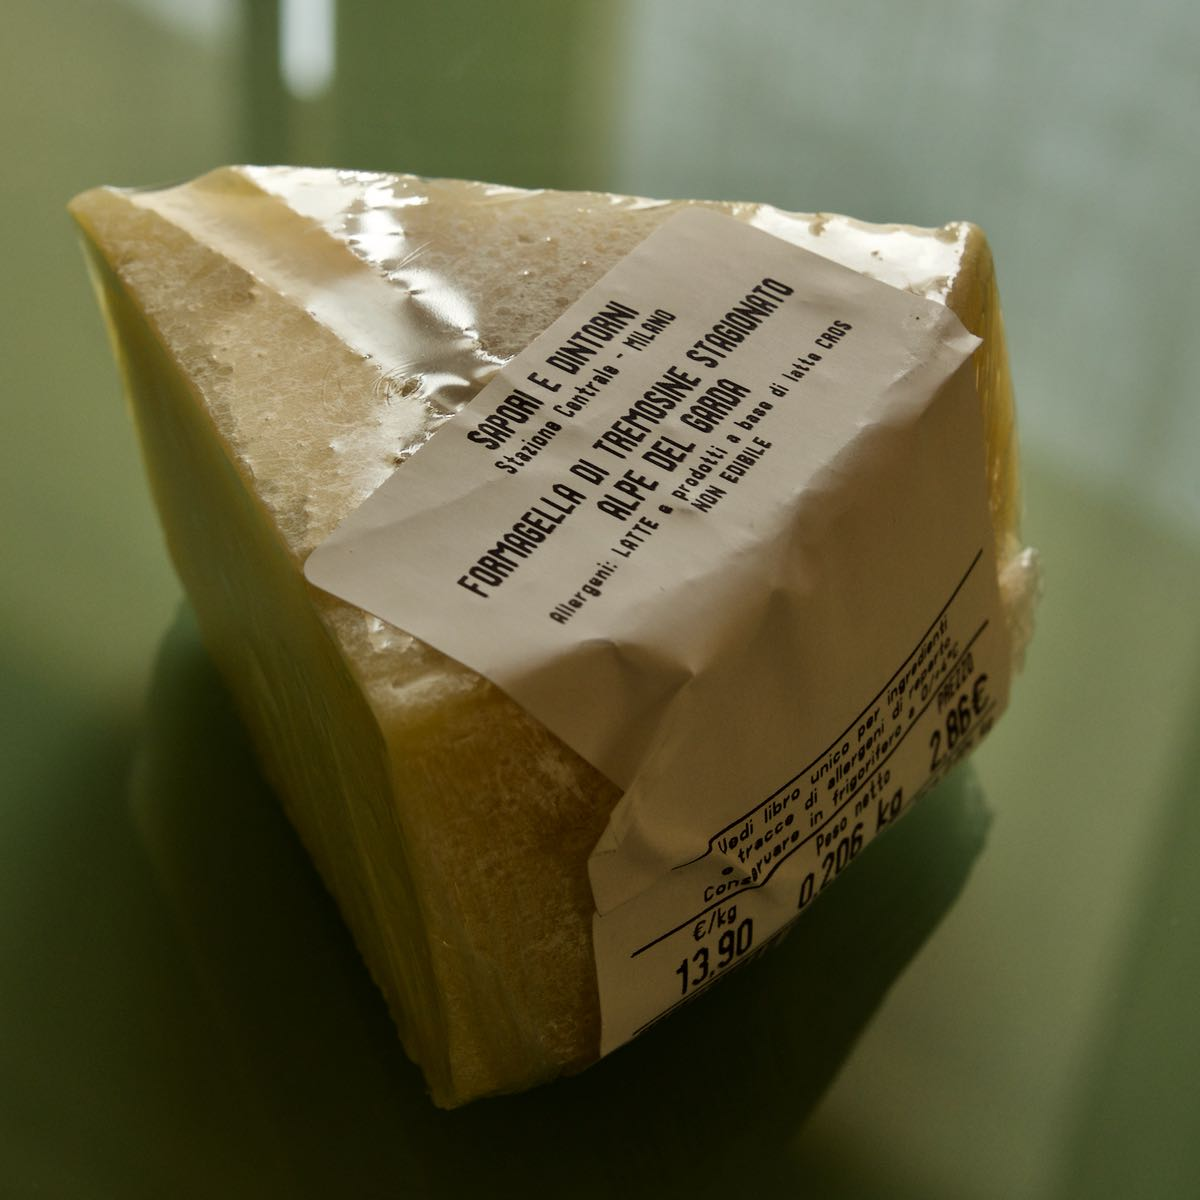 同じく350円くらいのハードチーズ 安い